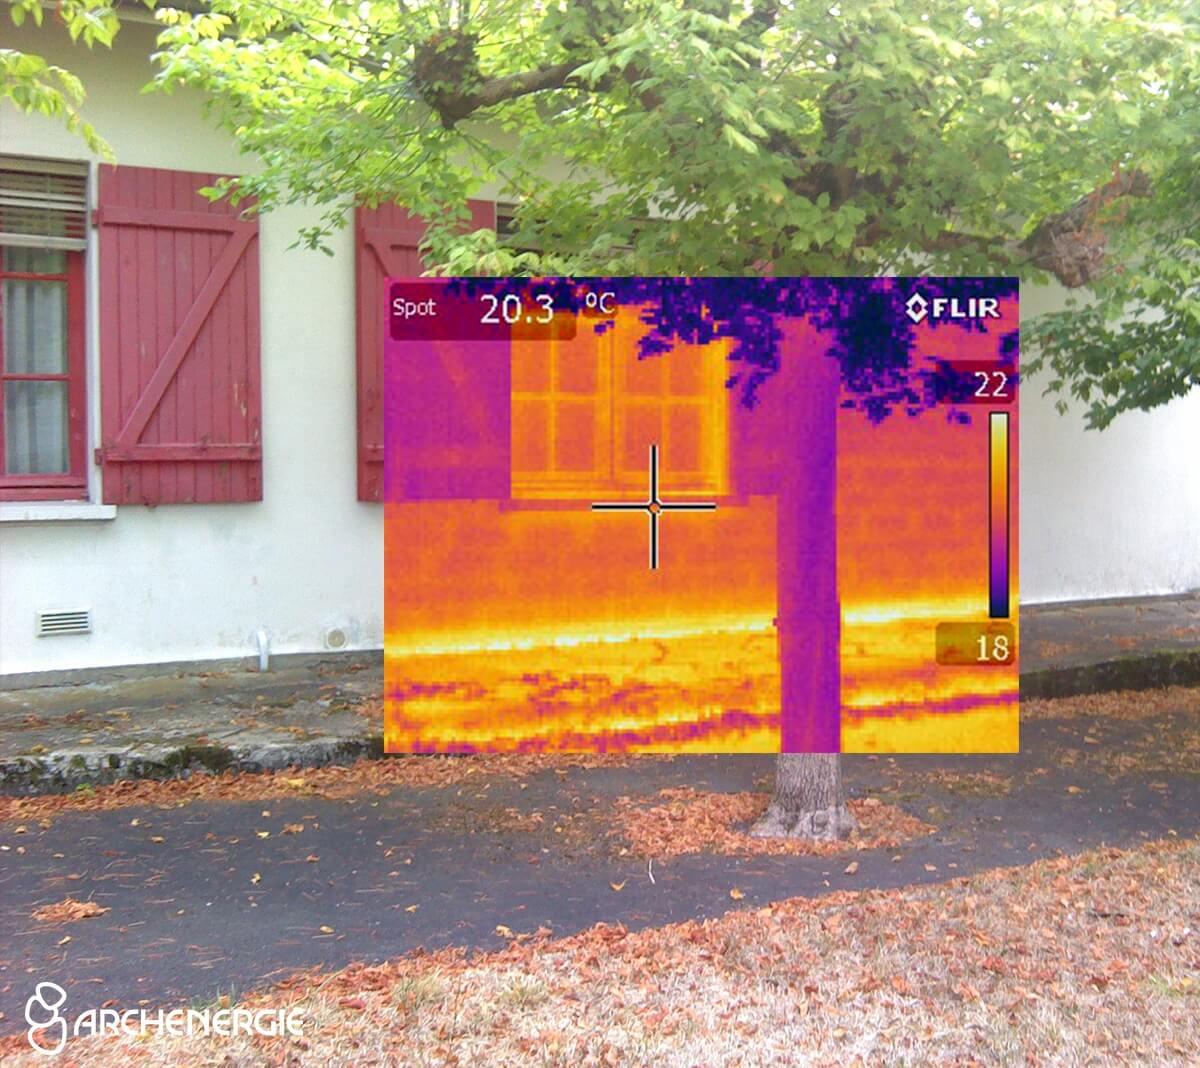 Maison à Gradignan (33) avant rénovation thermique - caméra thermique